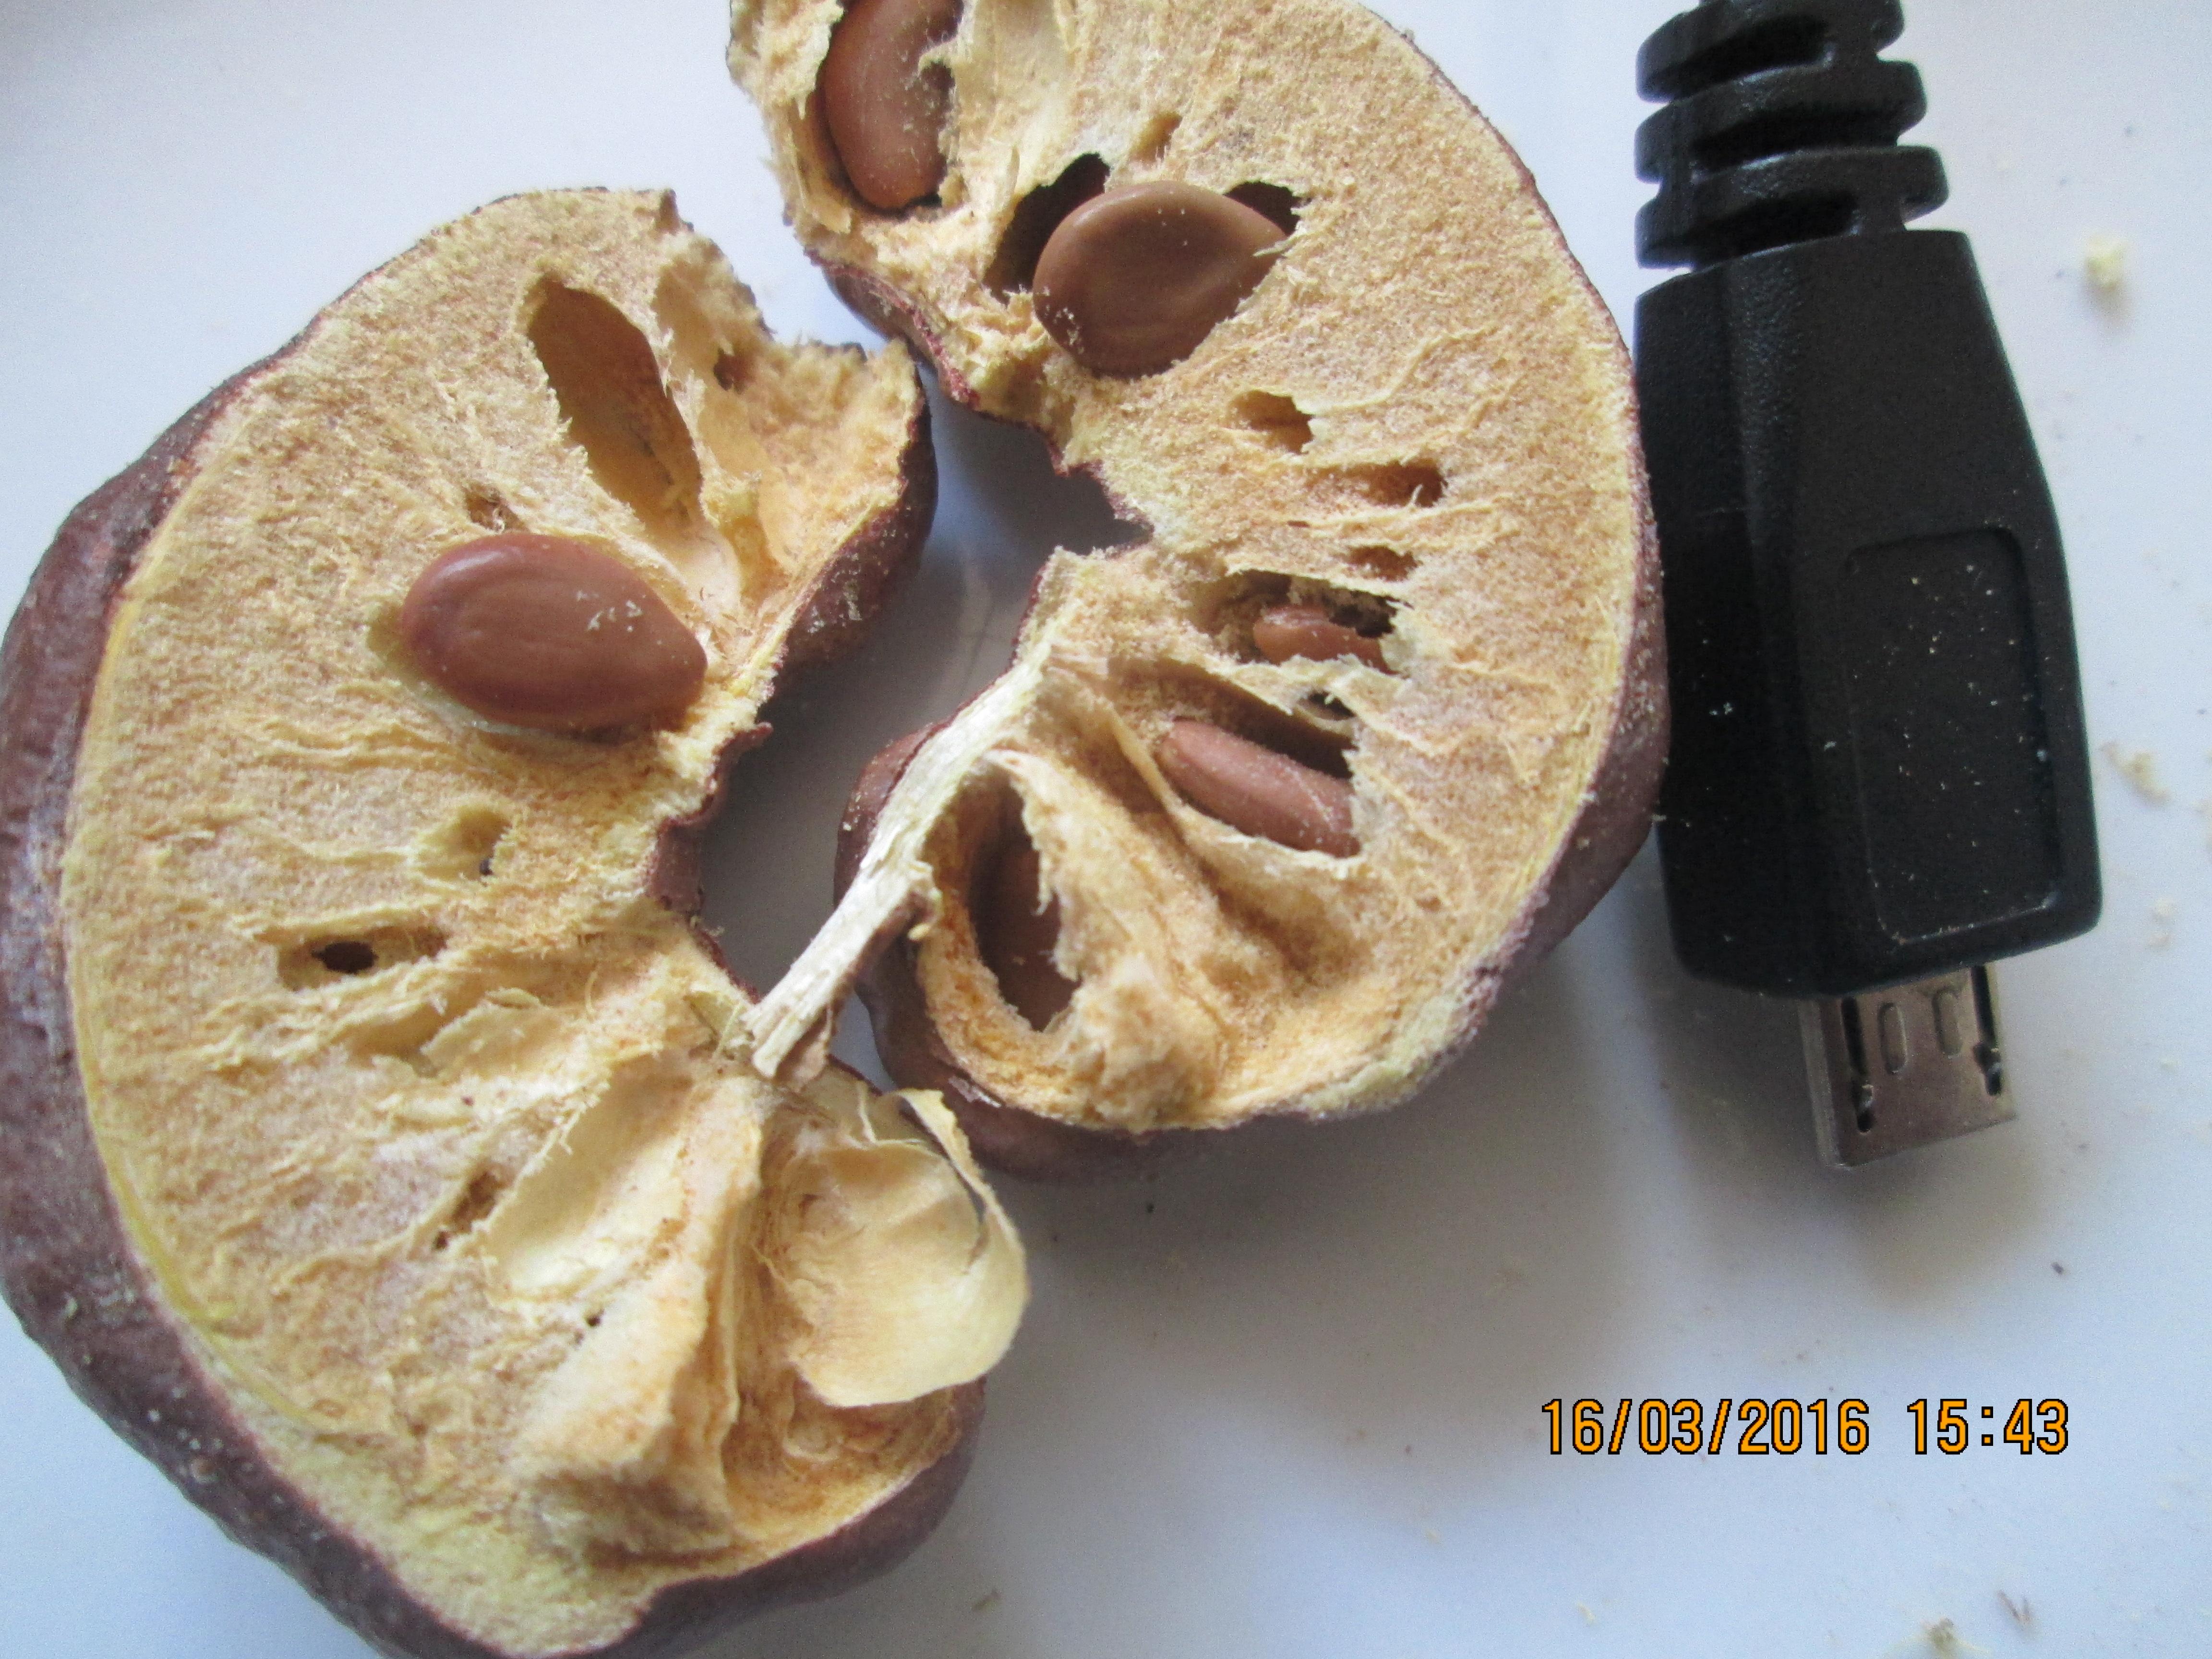 میوه برش خورده کهورک نصف شده